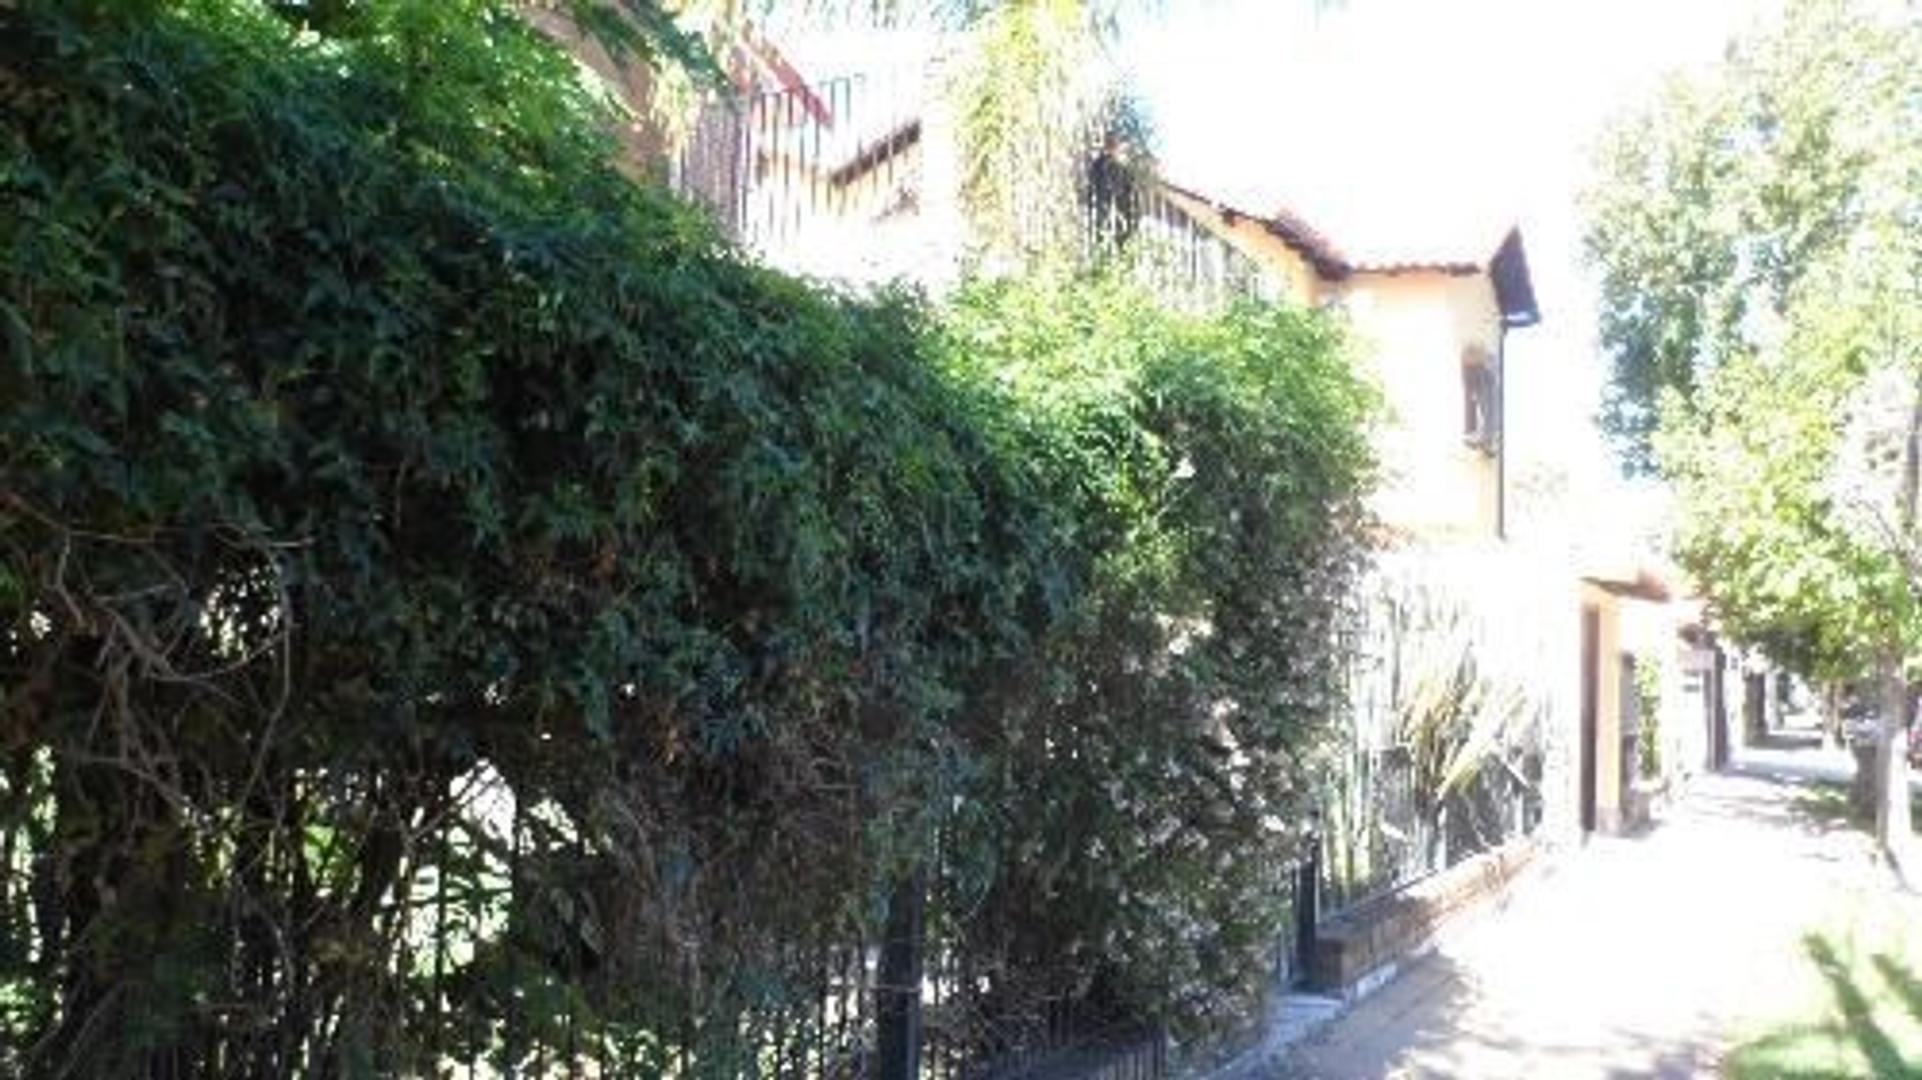 APTO CRÉDITO Oportunidad Casa  4 Ambientes 2 Plantas  Garage Patio 4x4mts  Próximo Av.Maipu